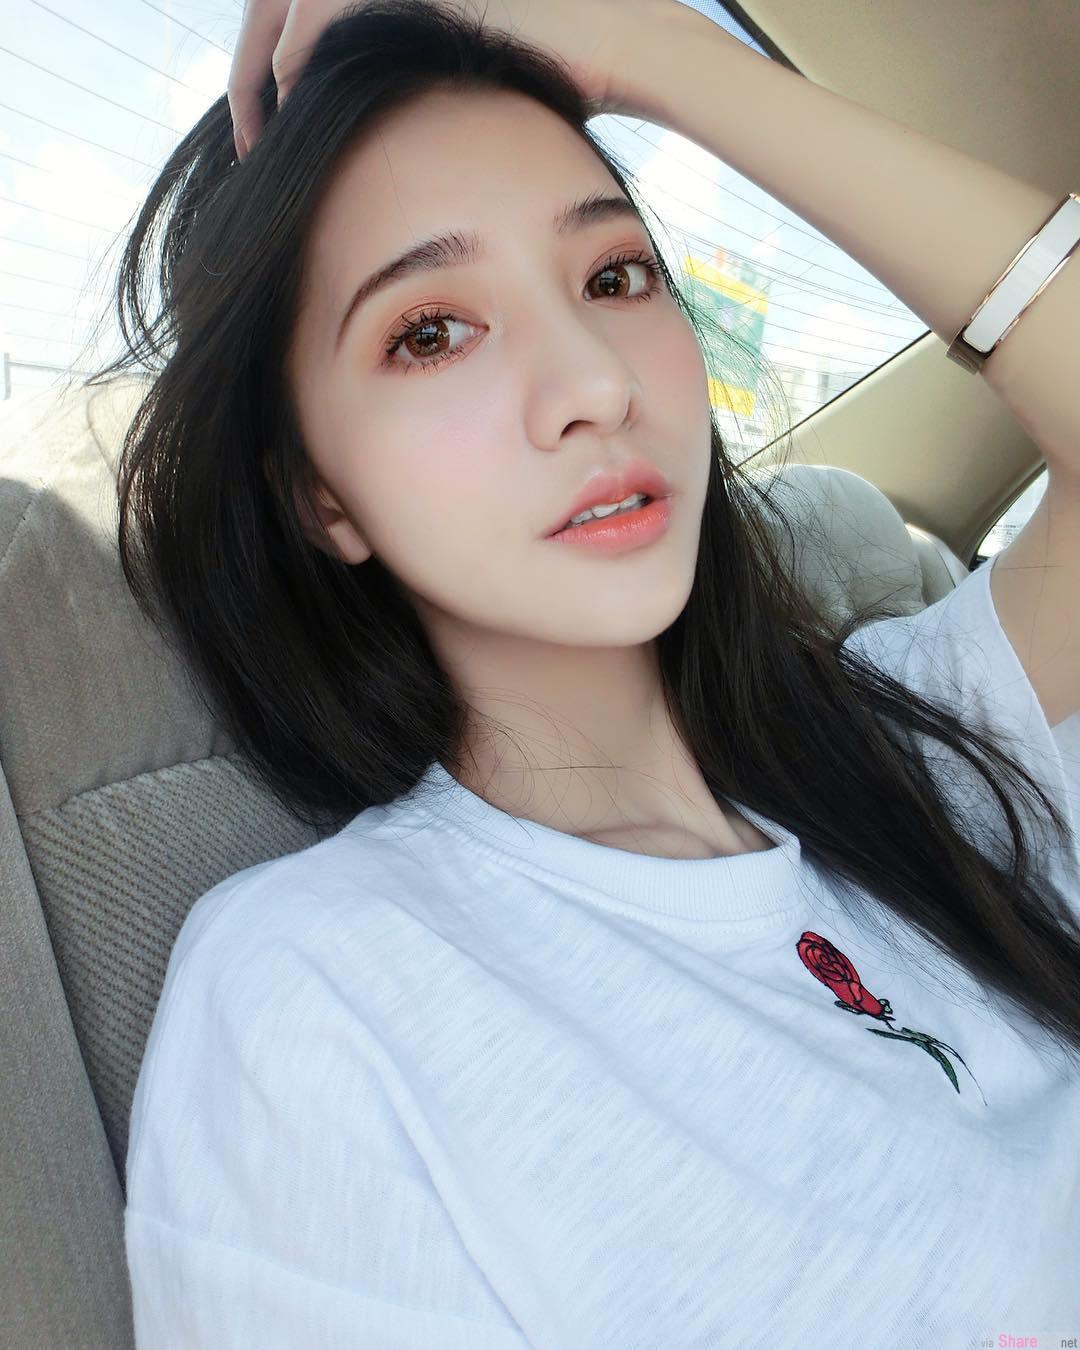 台湾正妹吕芷葇,清纯性感美胸美的不要不要的